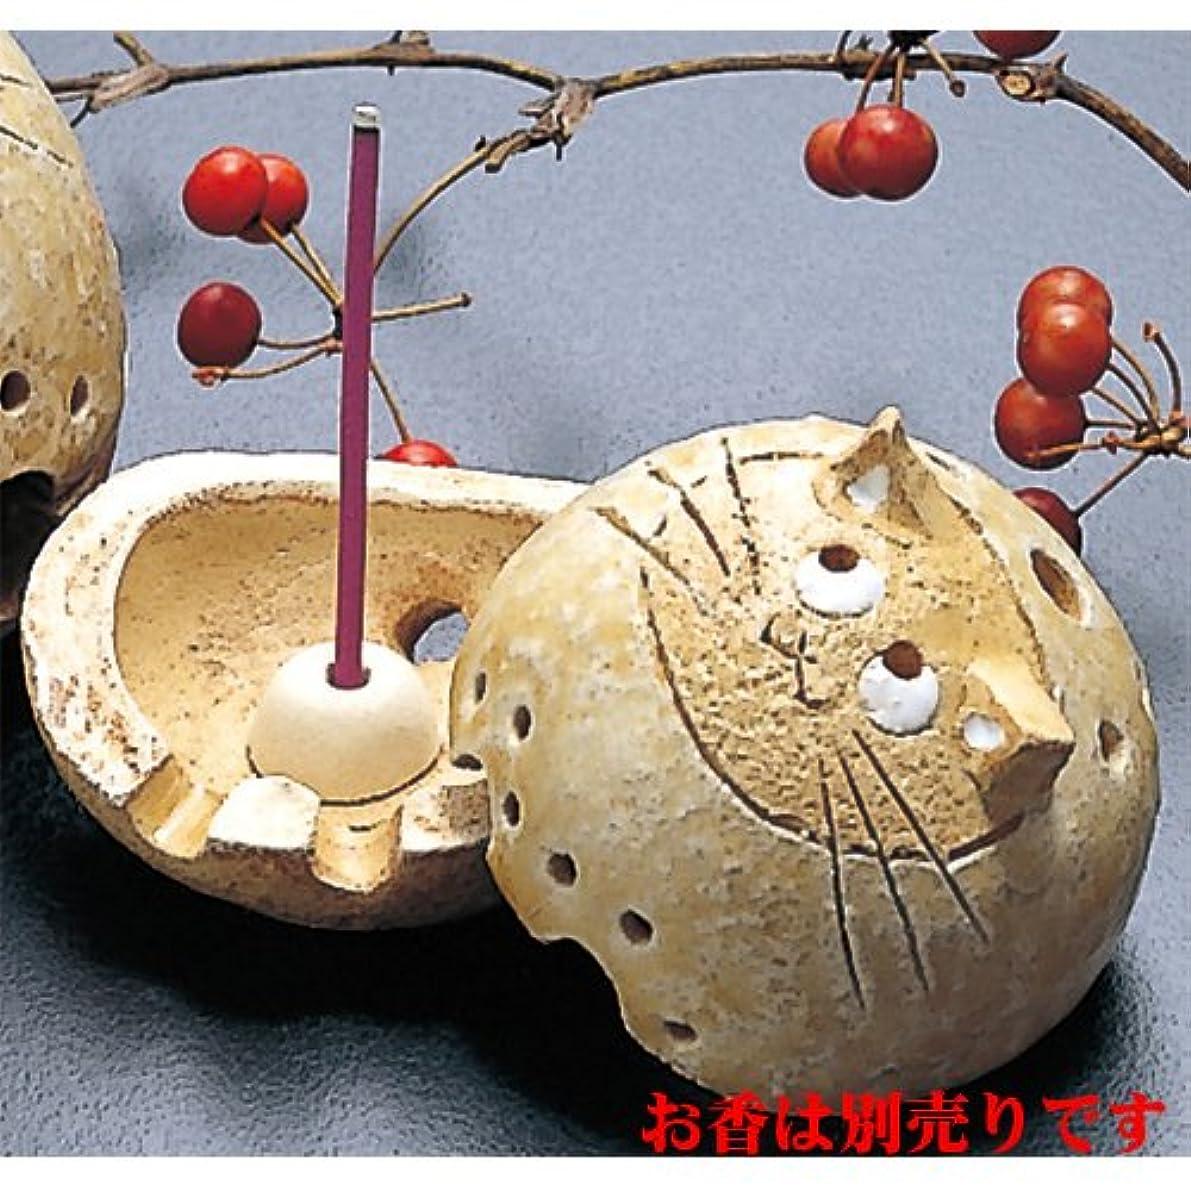 路地コンパニオン回転香炉 丸猫 香炉(小) [H6cm] HANDMADE プレゼント ギフト 和食器 かわいい インテリア